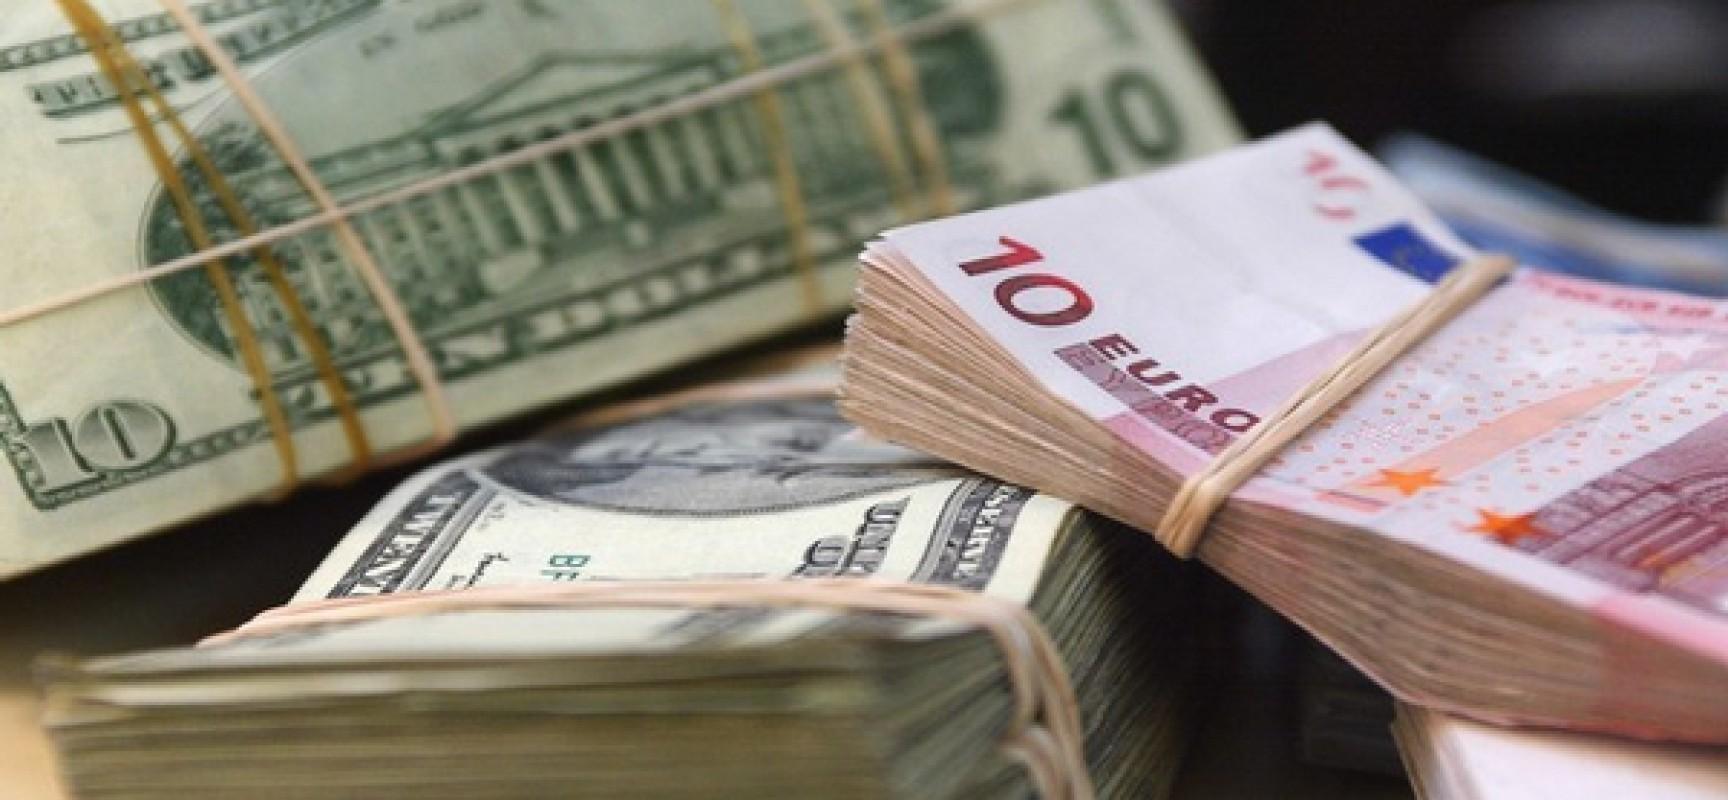 5000 australische dollar euro